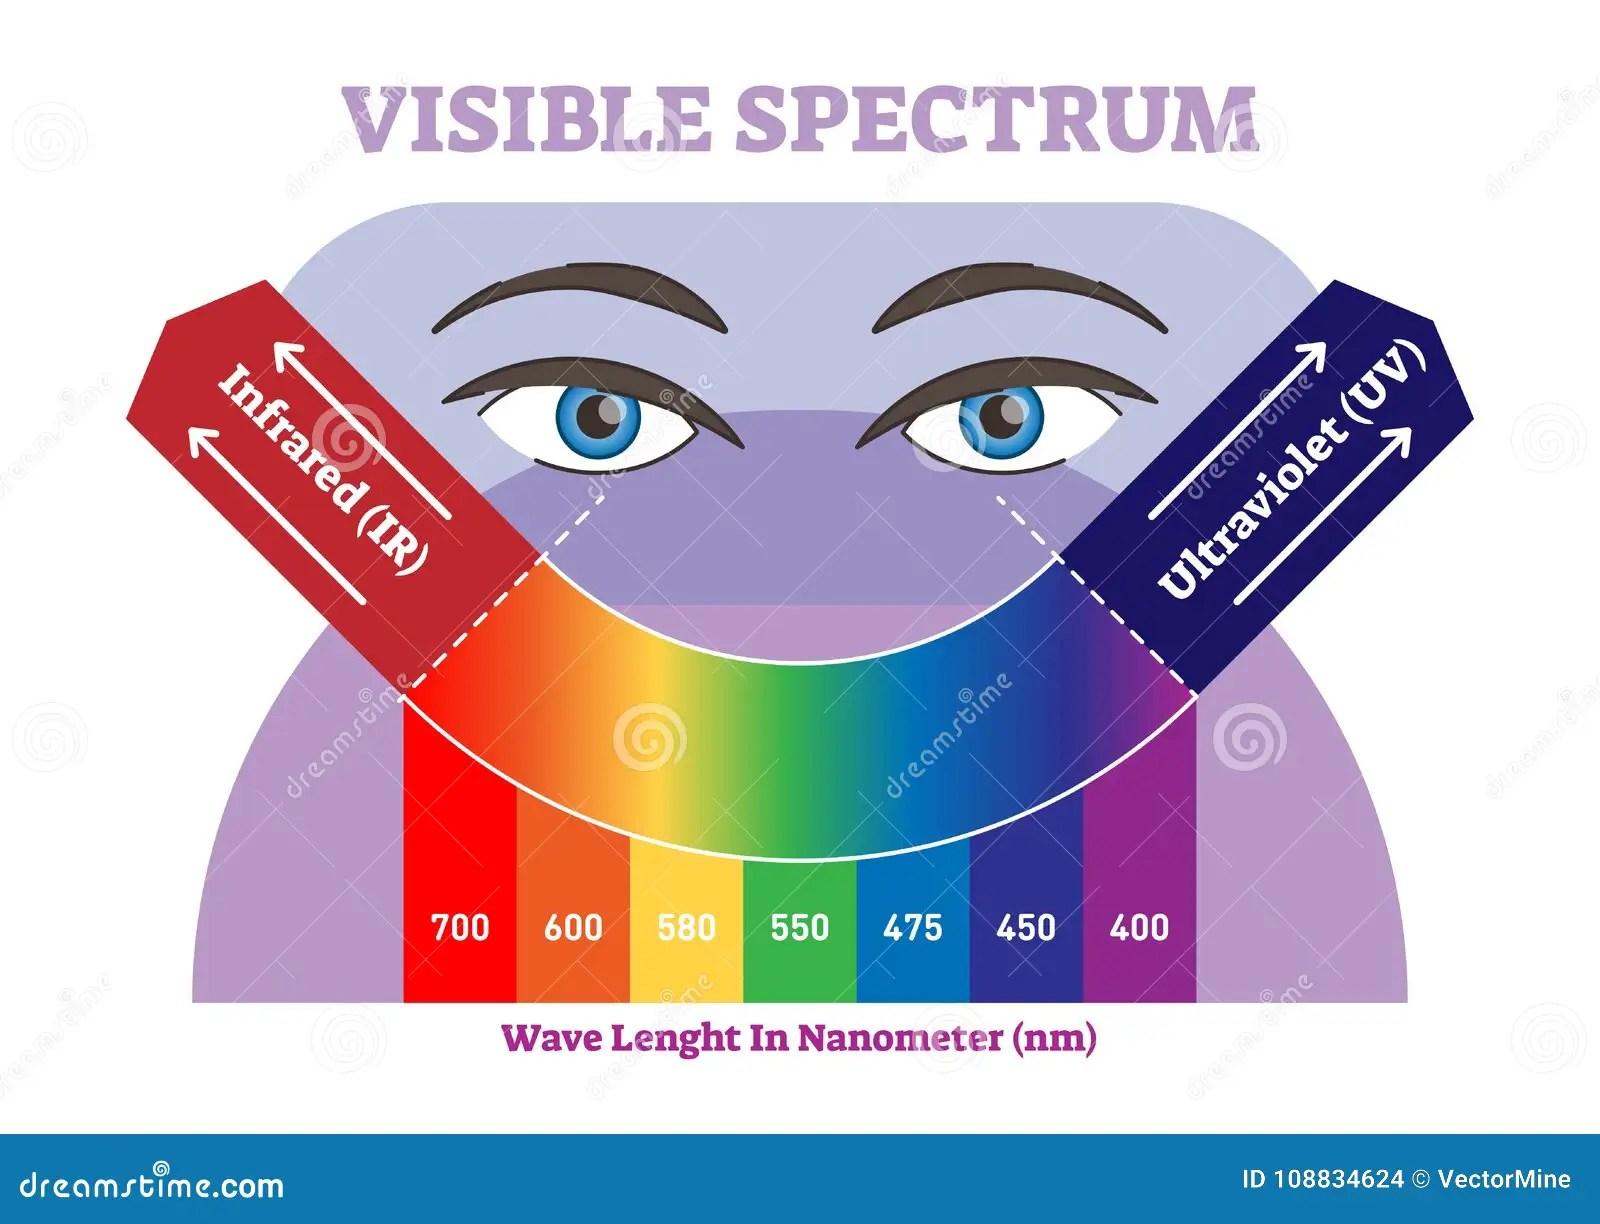 Visible Spectrum Vector Illustration Diagram Color Scheme